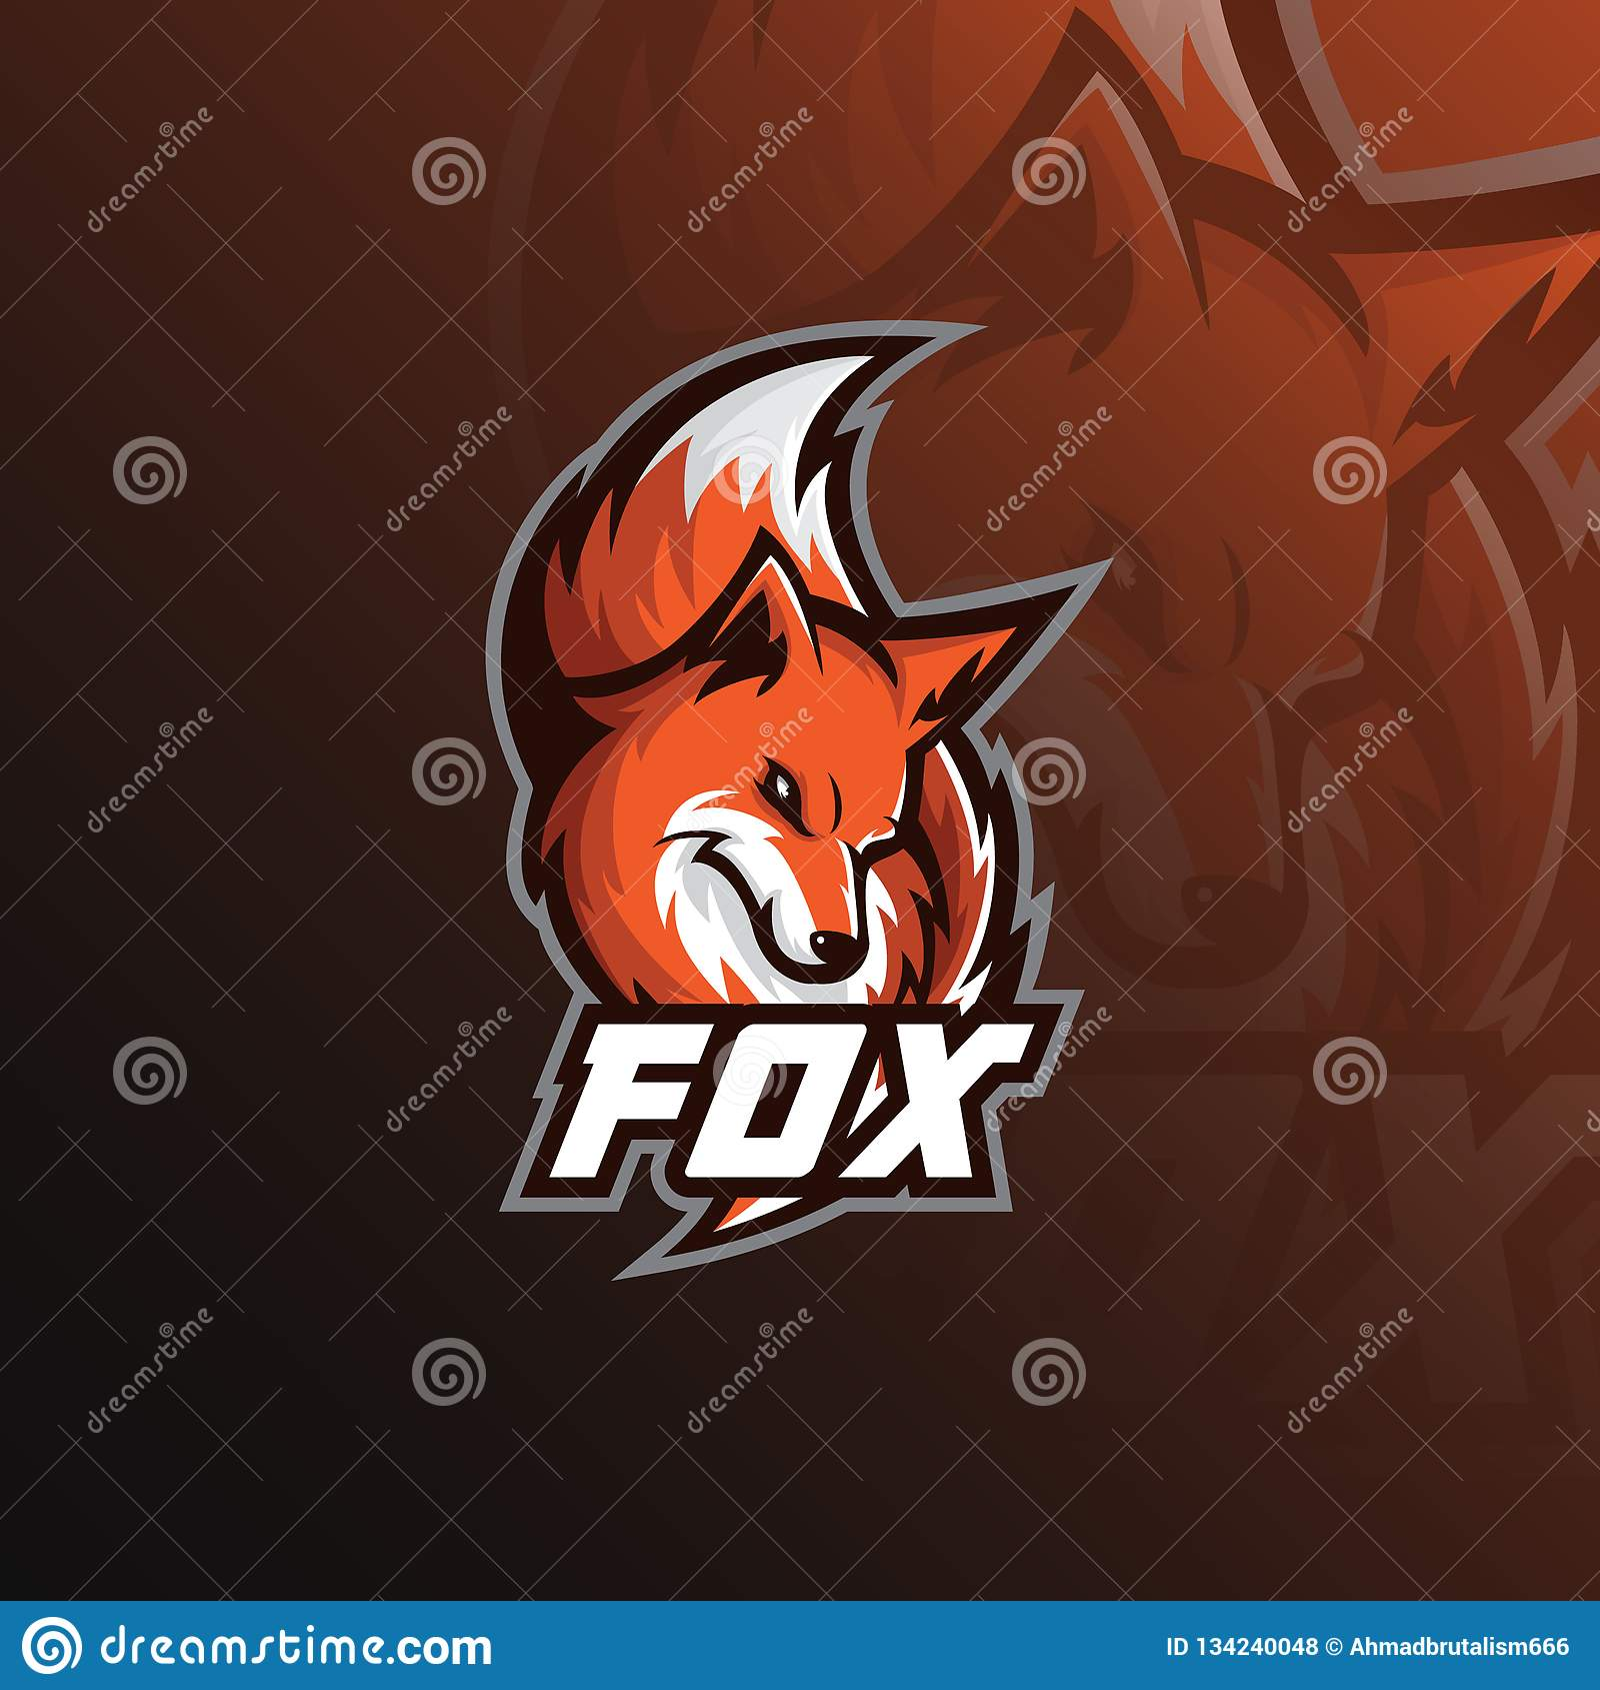 Illustration för sport för rävlogomaskot moderna symboler för logoer och emblem